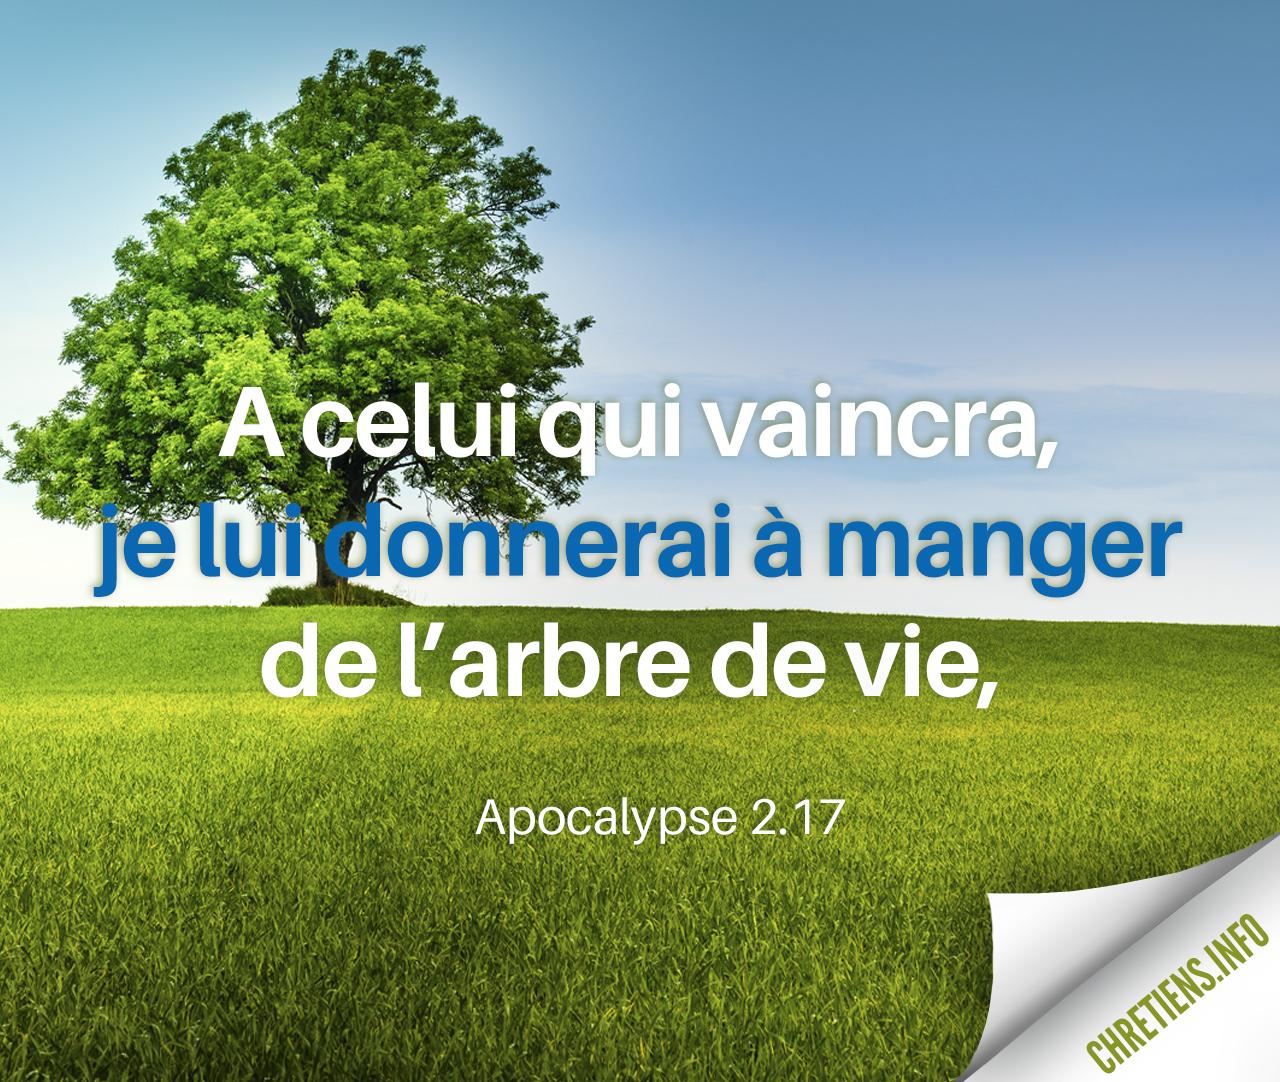 A celui qui vaincra je donnerai de la manne cachée. Apocalypse 2:17